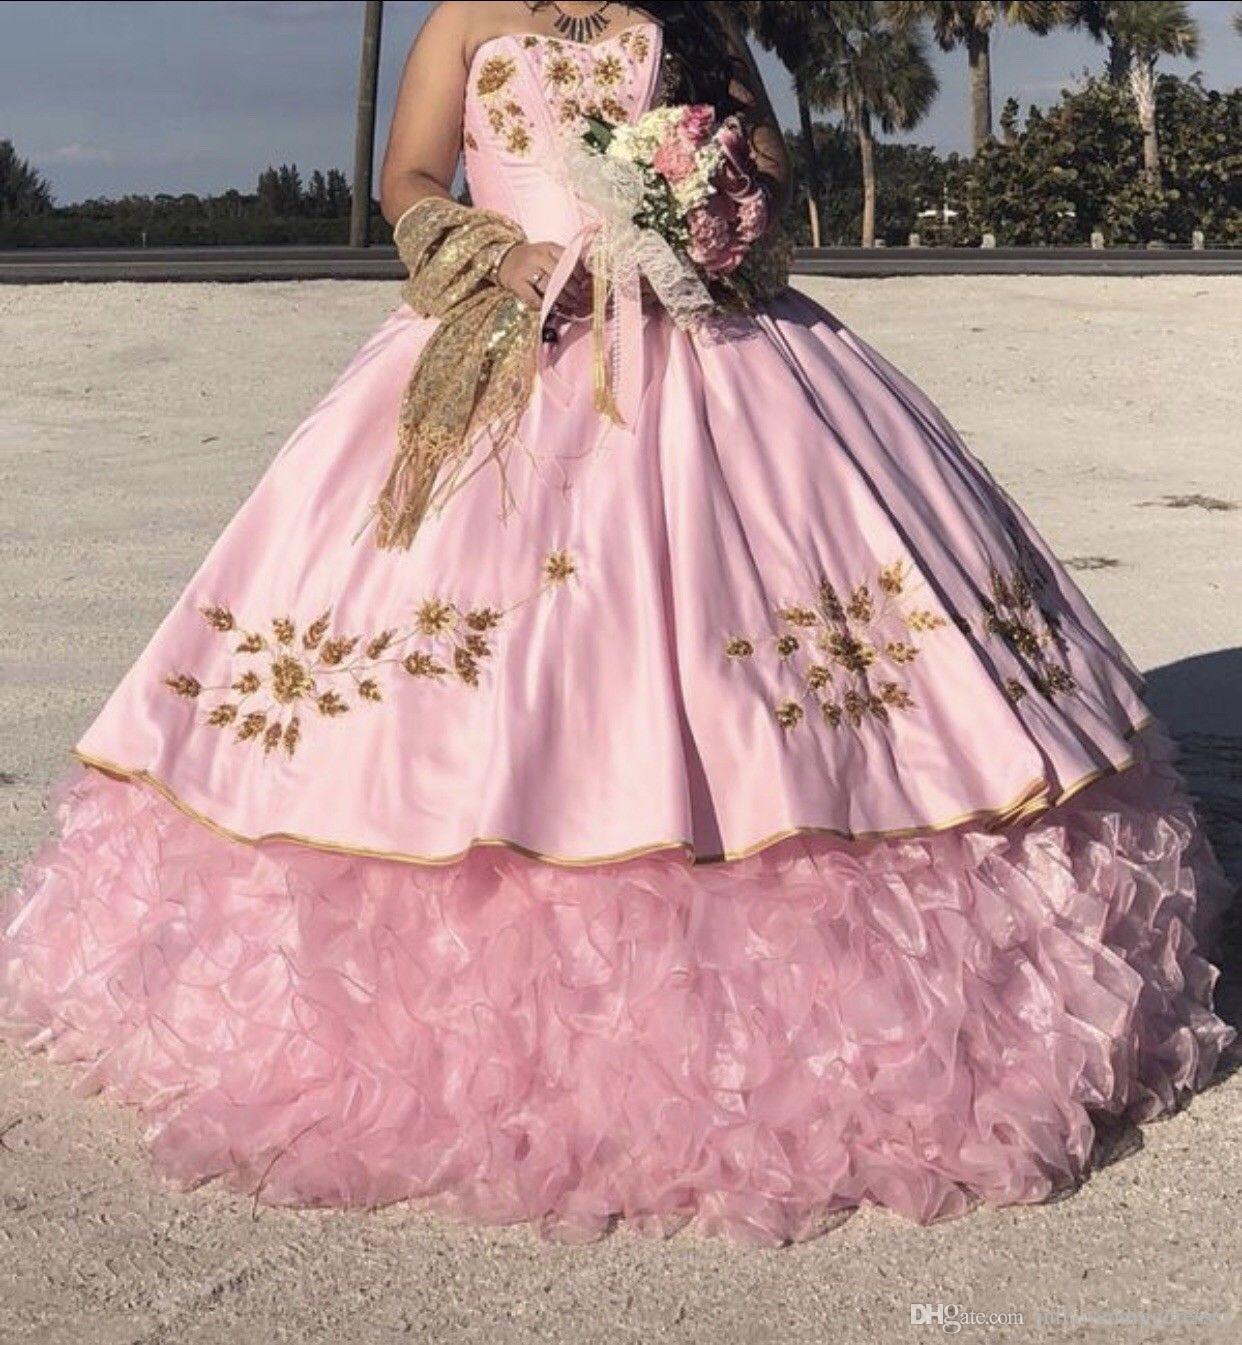 b9e318bc8 Compre 2019 Nuevo Bordado Puffy Vestido De Bola Vestidos De Quinceañera  Cristales Por 15 Años Sweet 16 Plus Size Pageant Prom Vestido De Fiesta  QC1065 A ...